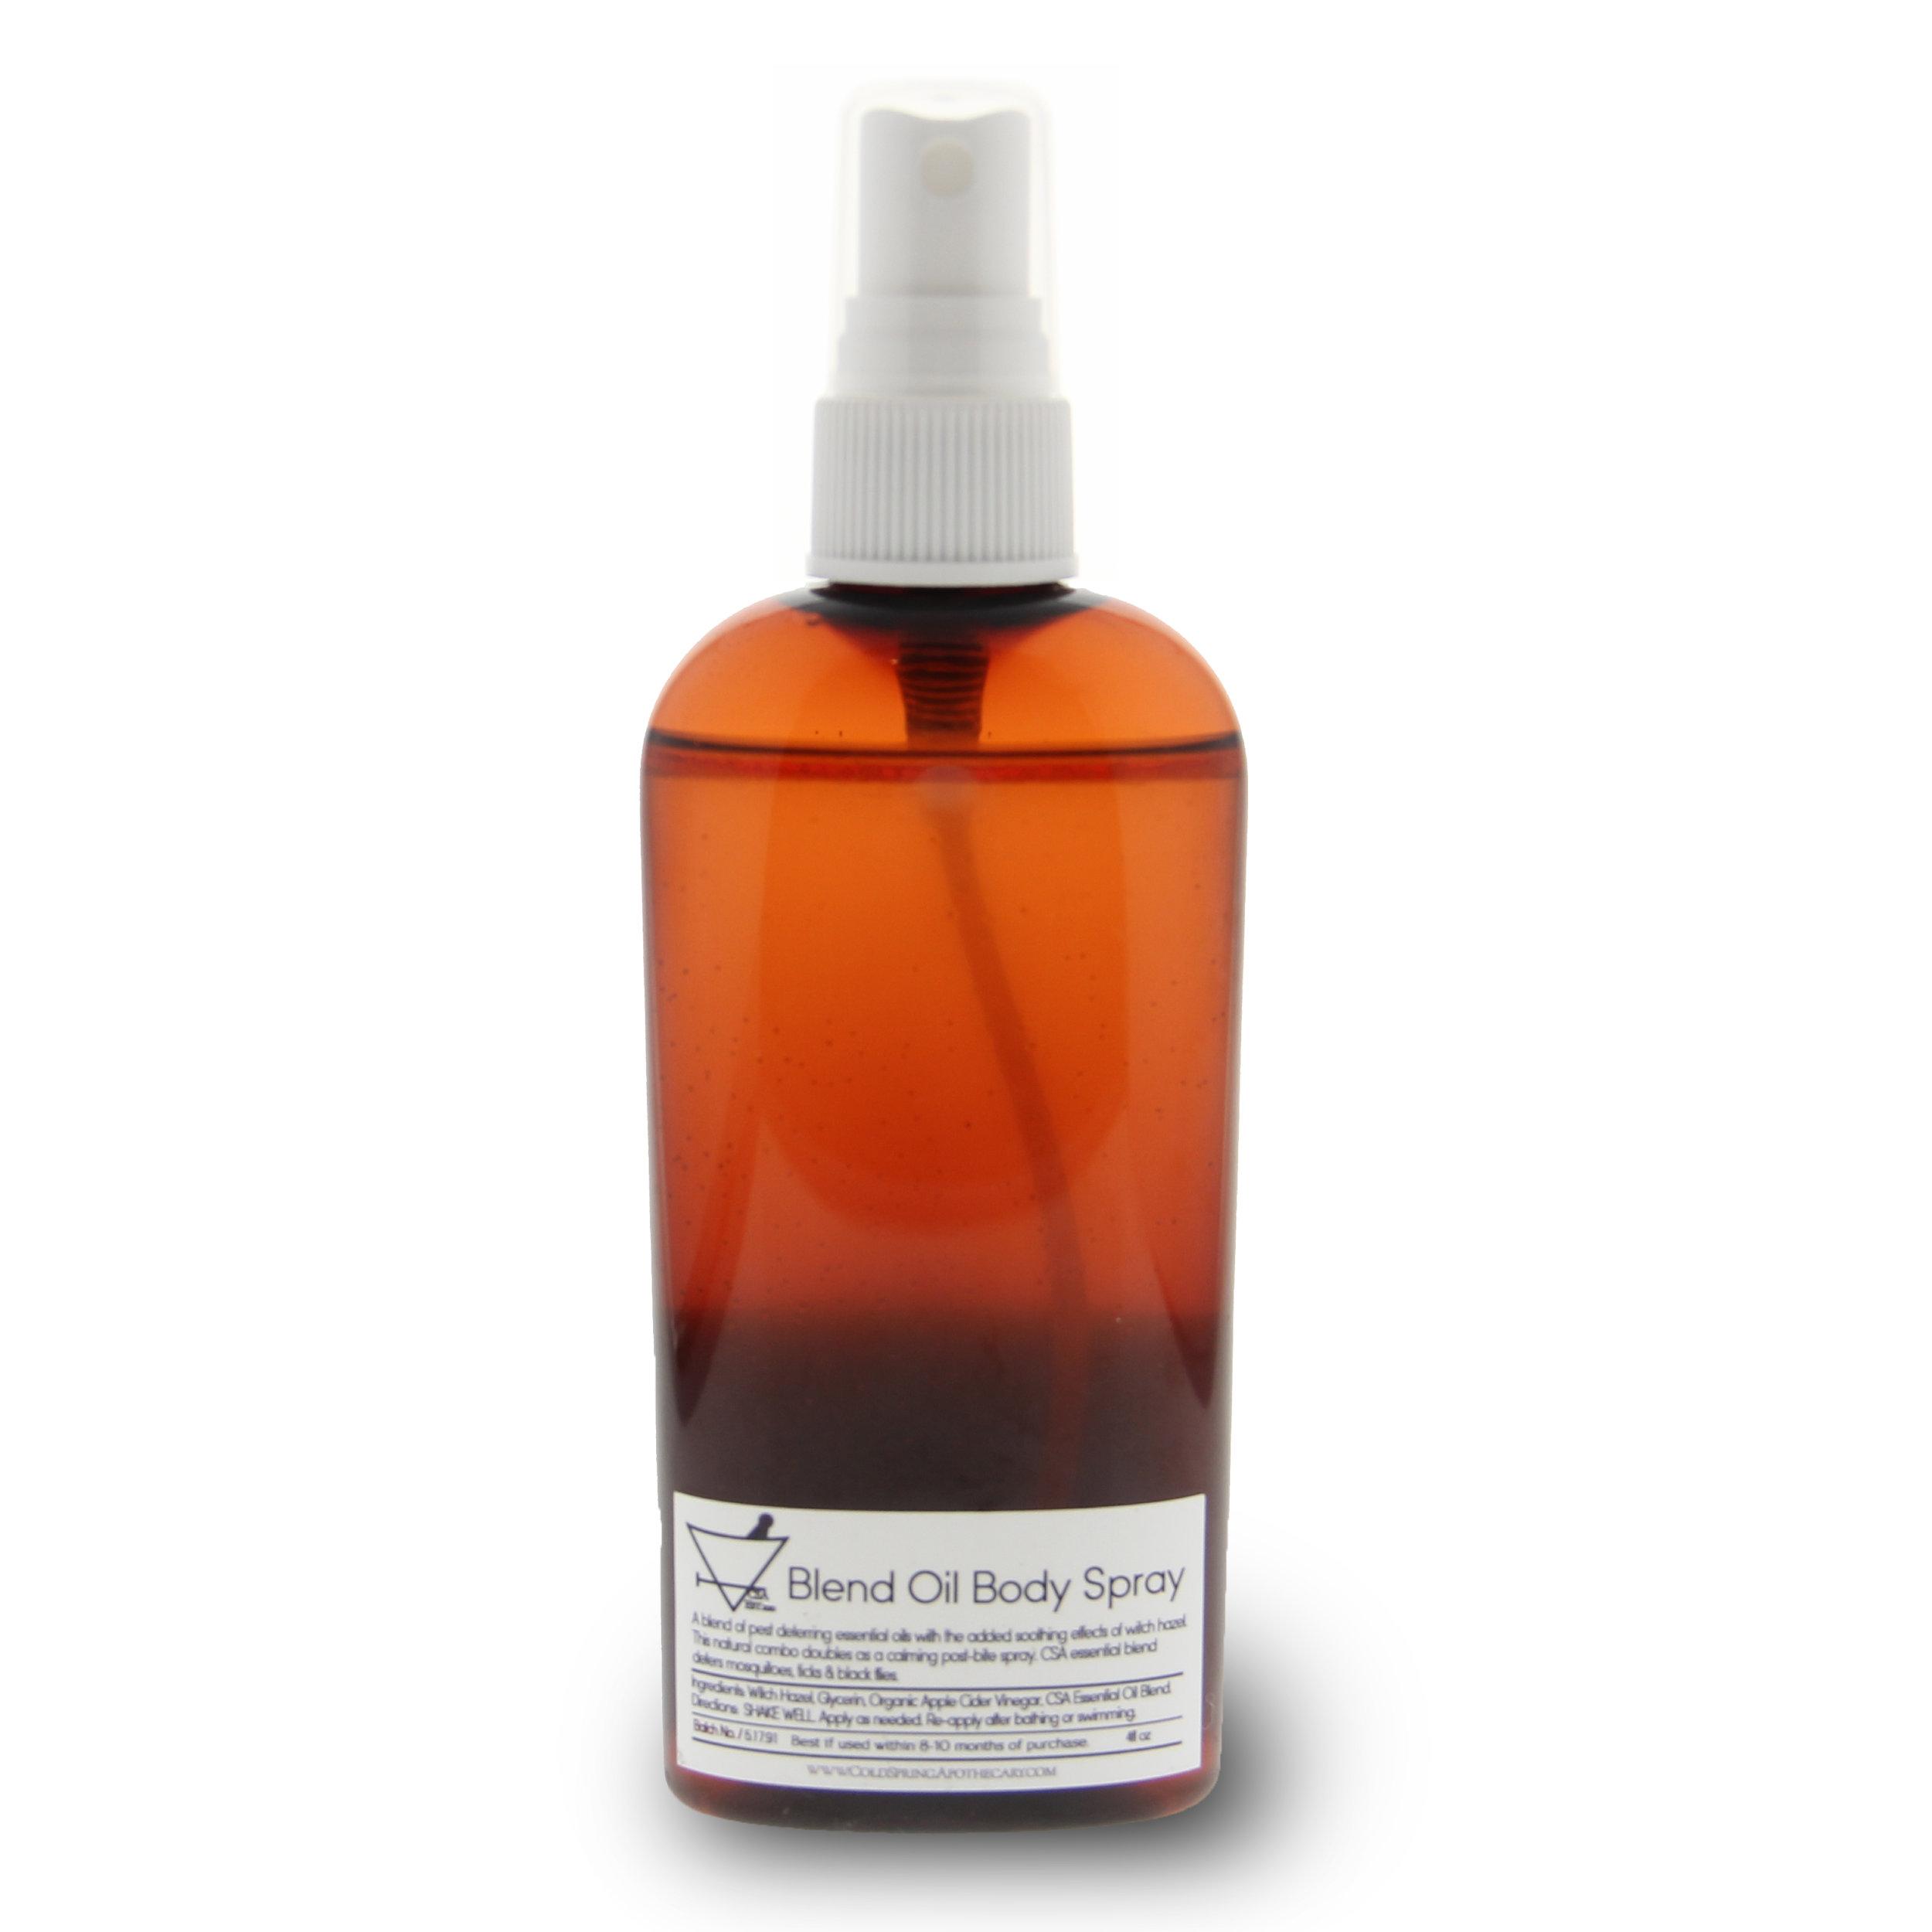 ブレンドオイル ボディスプレー Blend Oil Body Spray